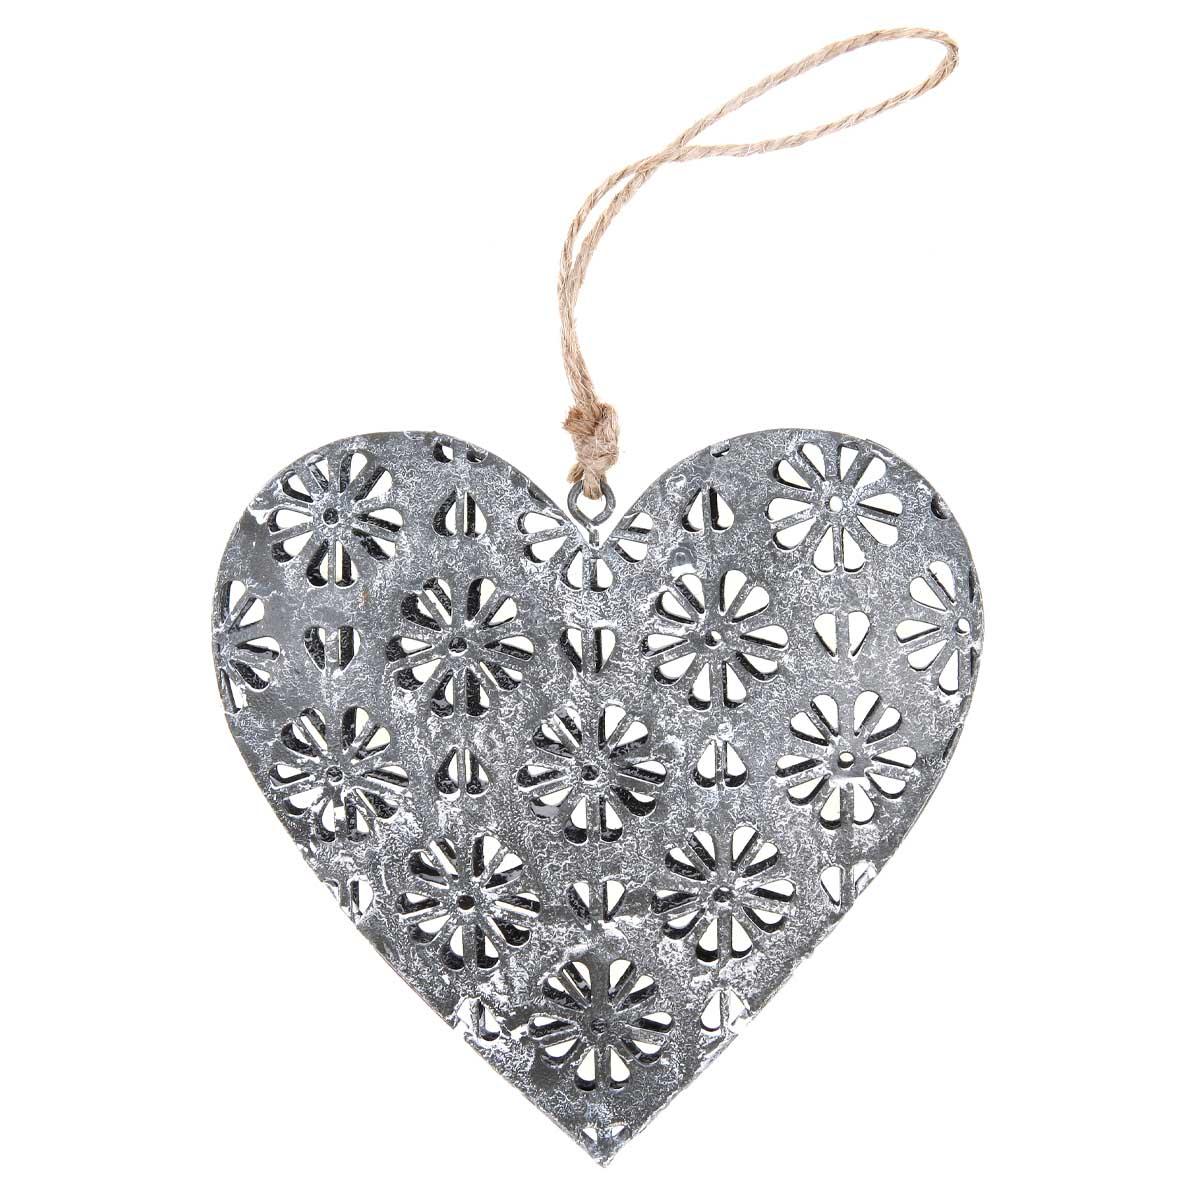 Sdiečko, dekorácia z kovu